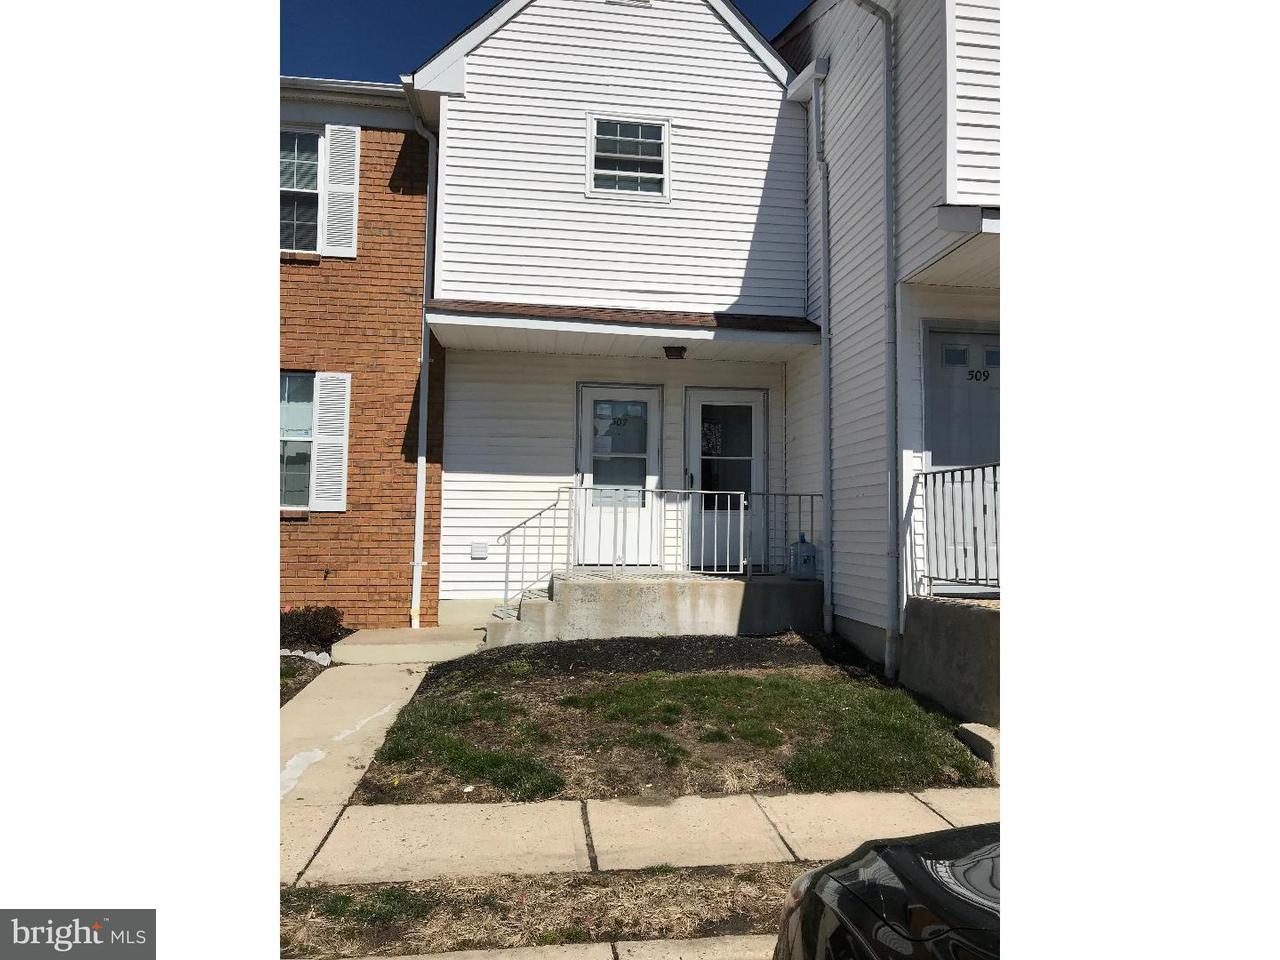 独户住宅 为 出租 在 508 WOODCHIP Road Lumberton, 新泽西州 08048 美国